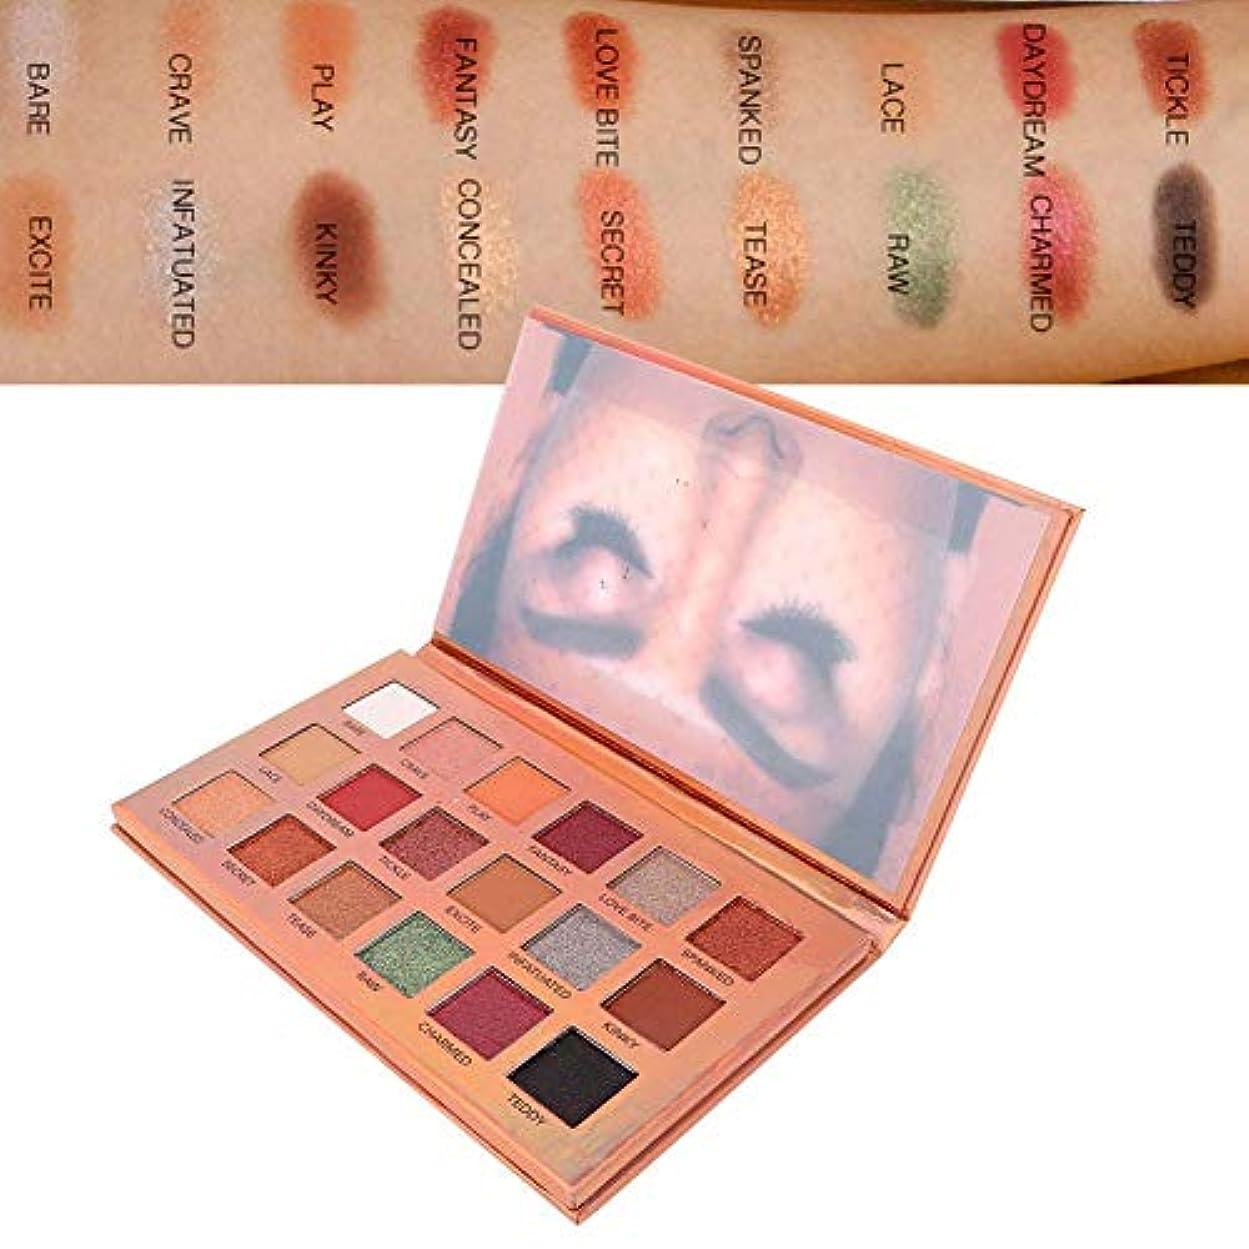 操作アルミニウム魔女キラキラアイシャドウ、18色アイシャドウパウダーマットキラキラアイシャドウ顔料化粧品ツール